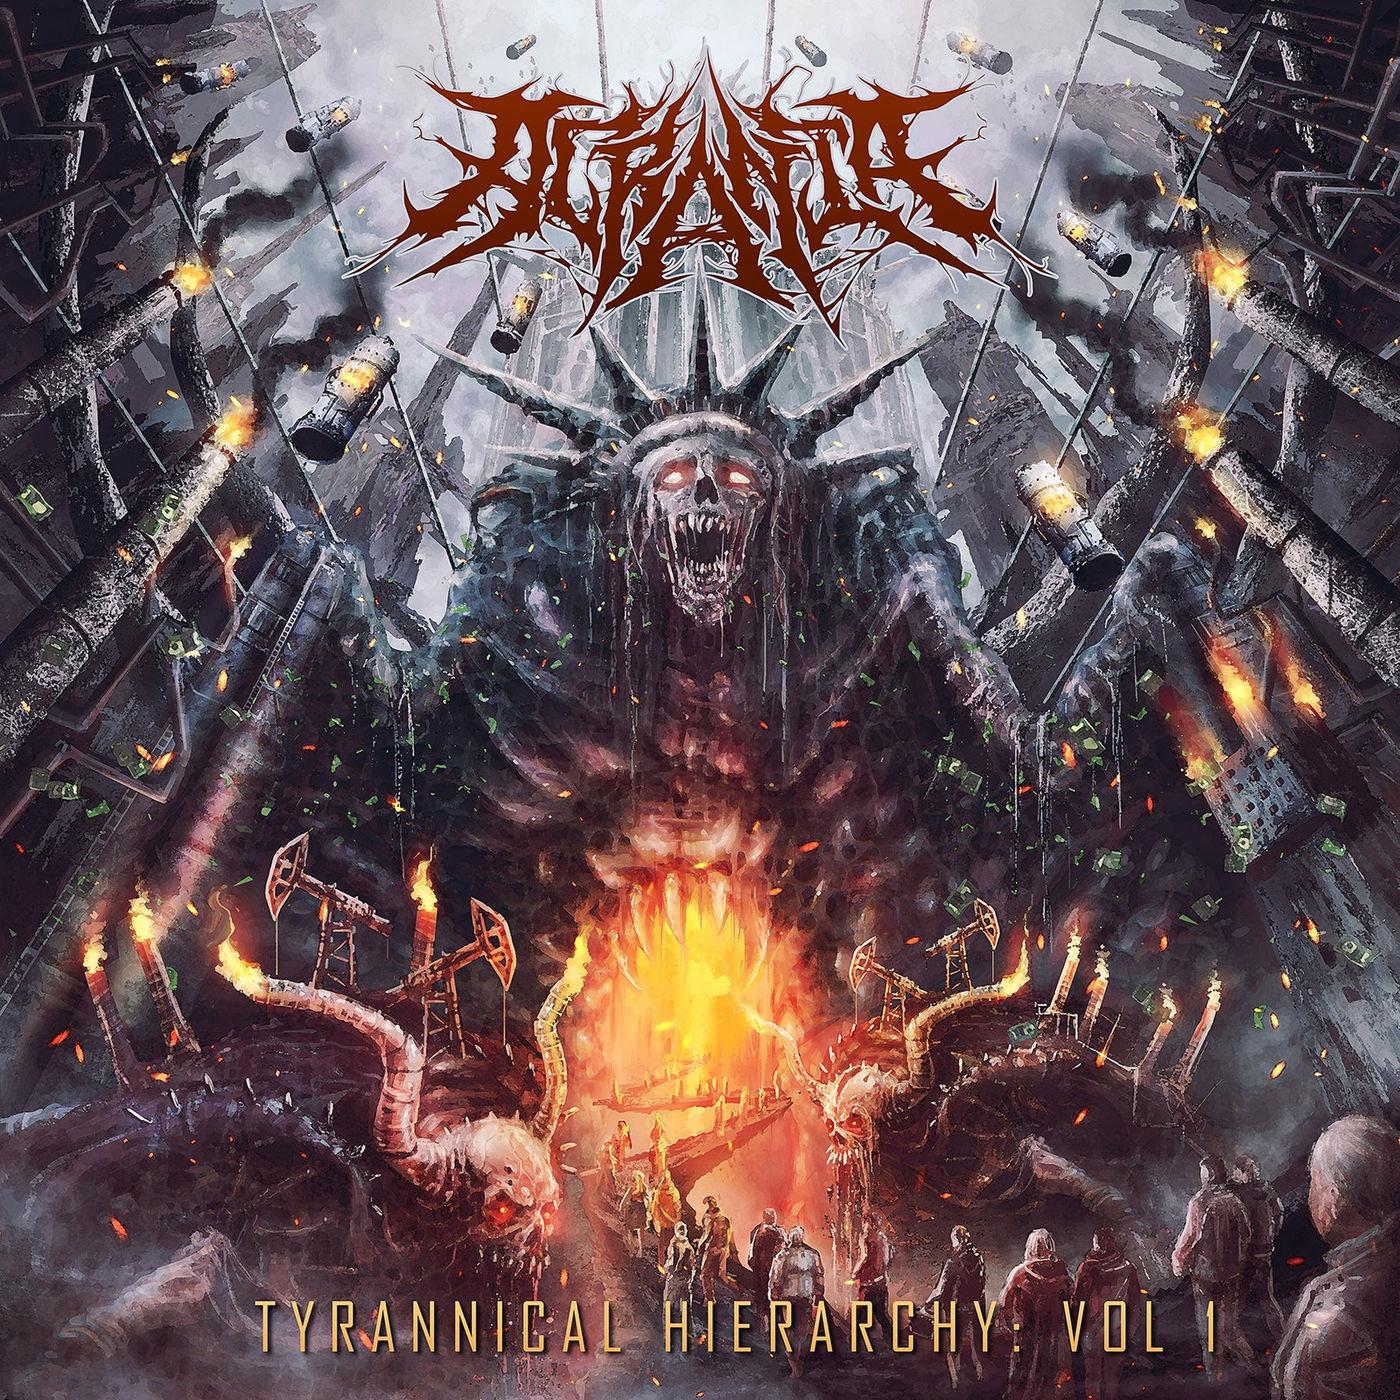 Acrania - Tyrannical Hierarchy, Vol. 1 [EP] (2018)